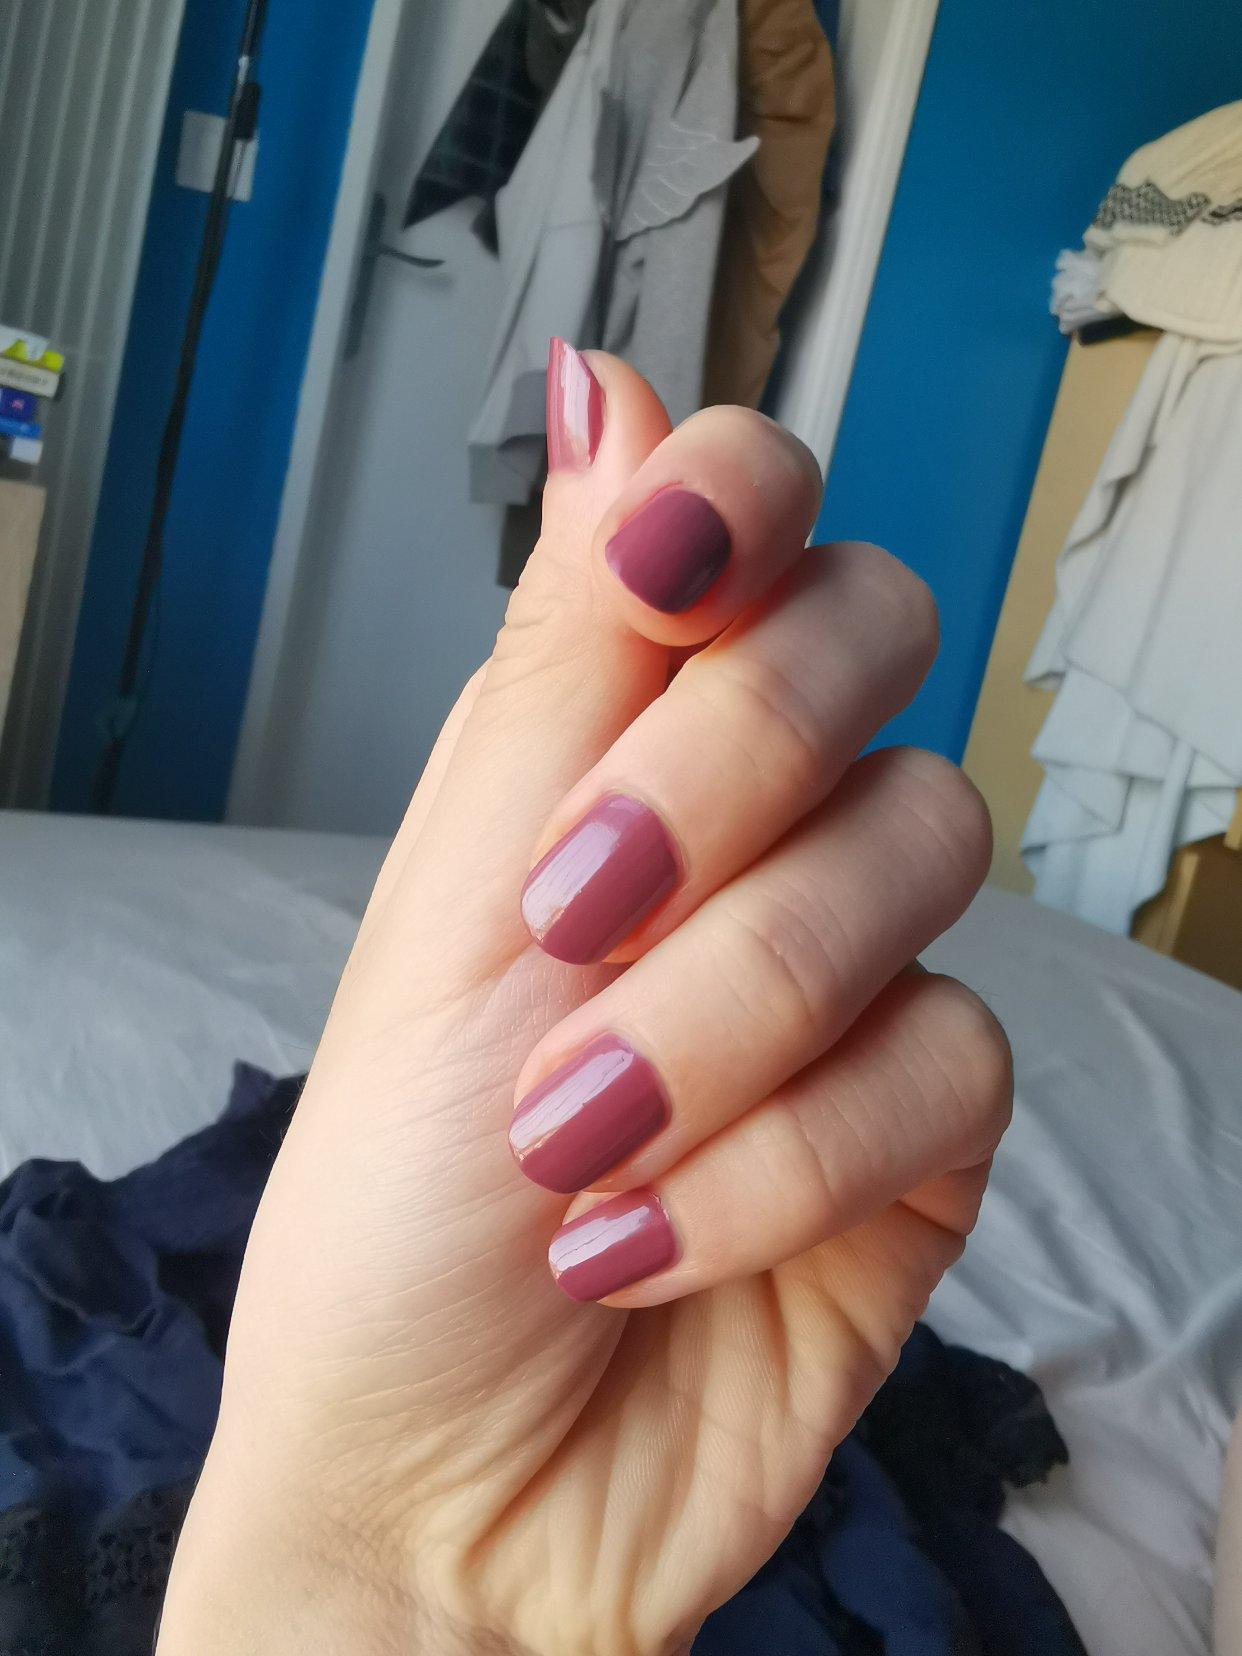 DAY1宅家护肤变美之养指甲~最后一张秃指甲不愿承认是我